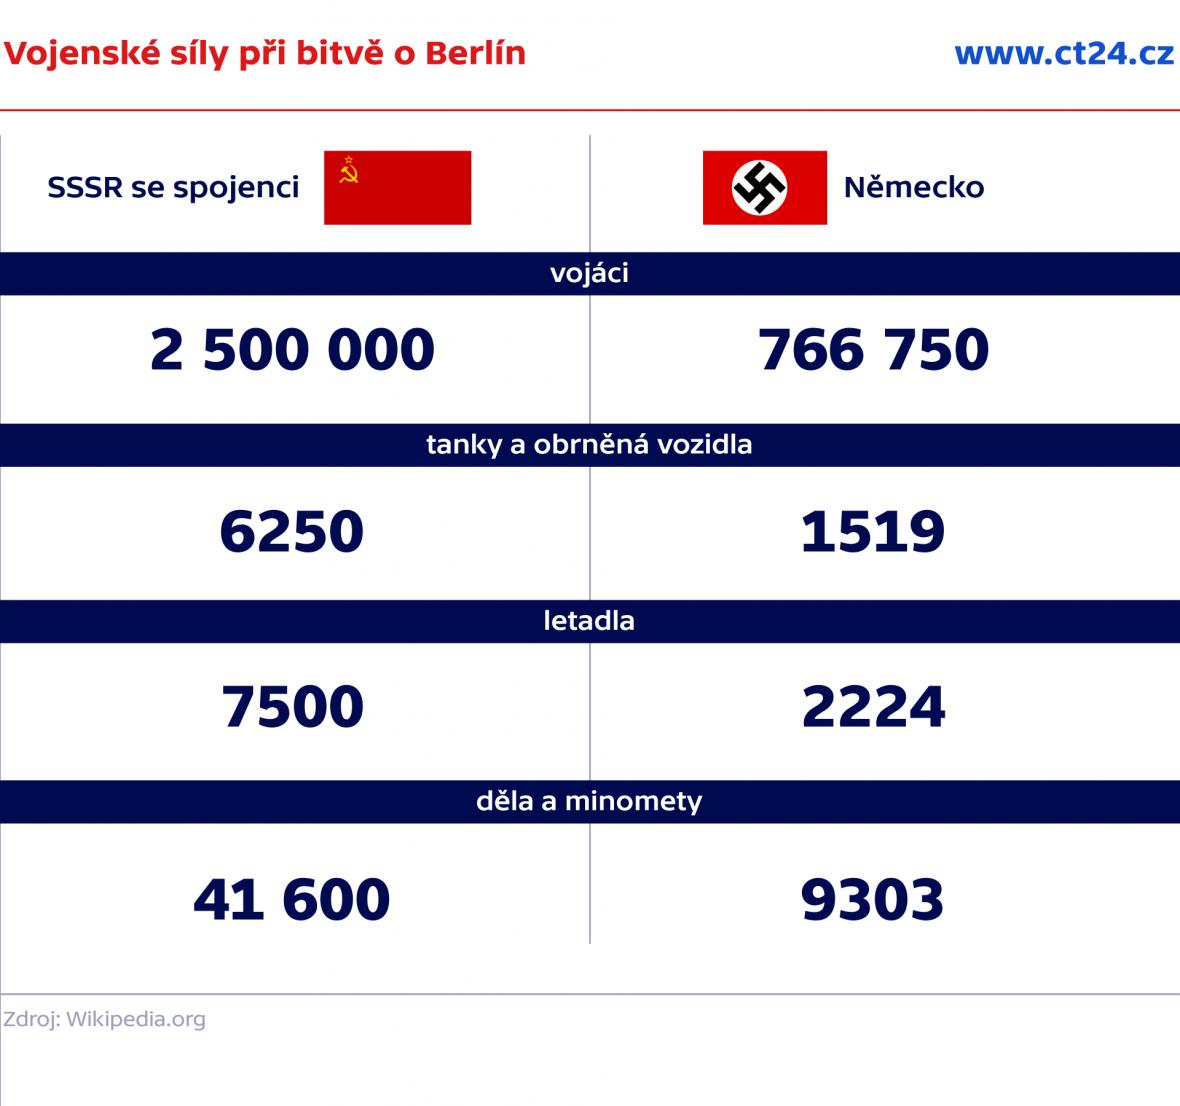 Vojenské síly při bitvě o Berlín